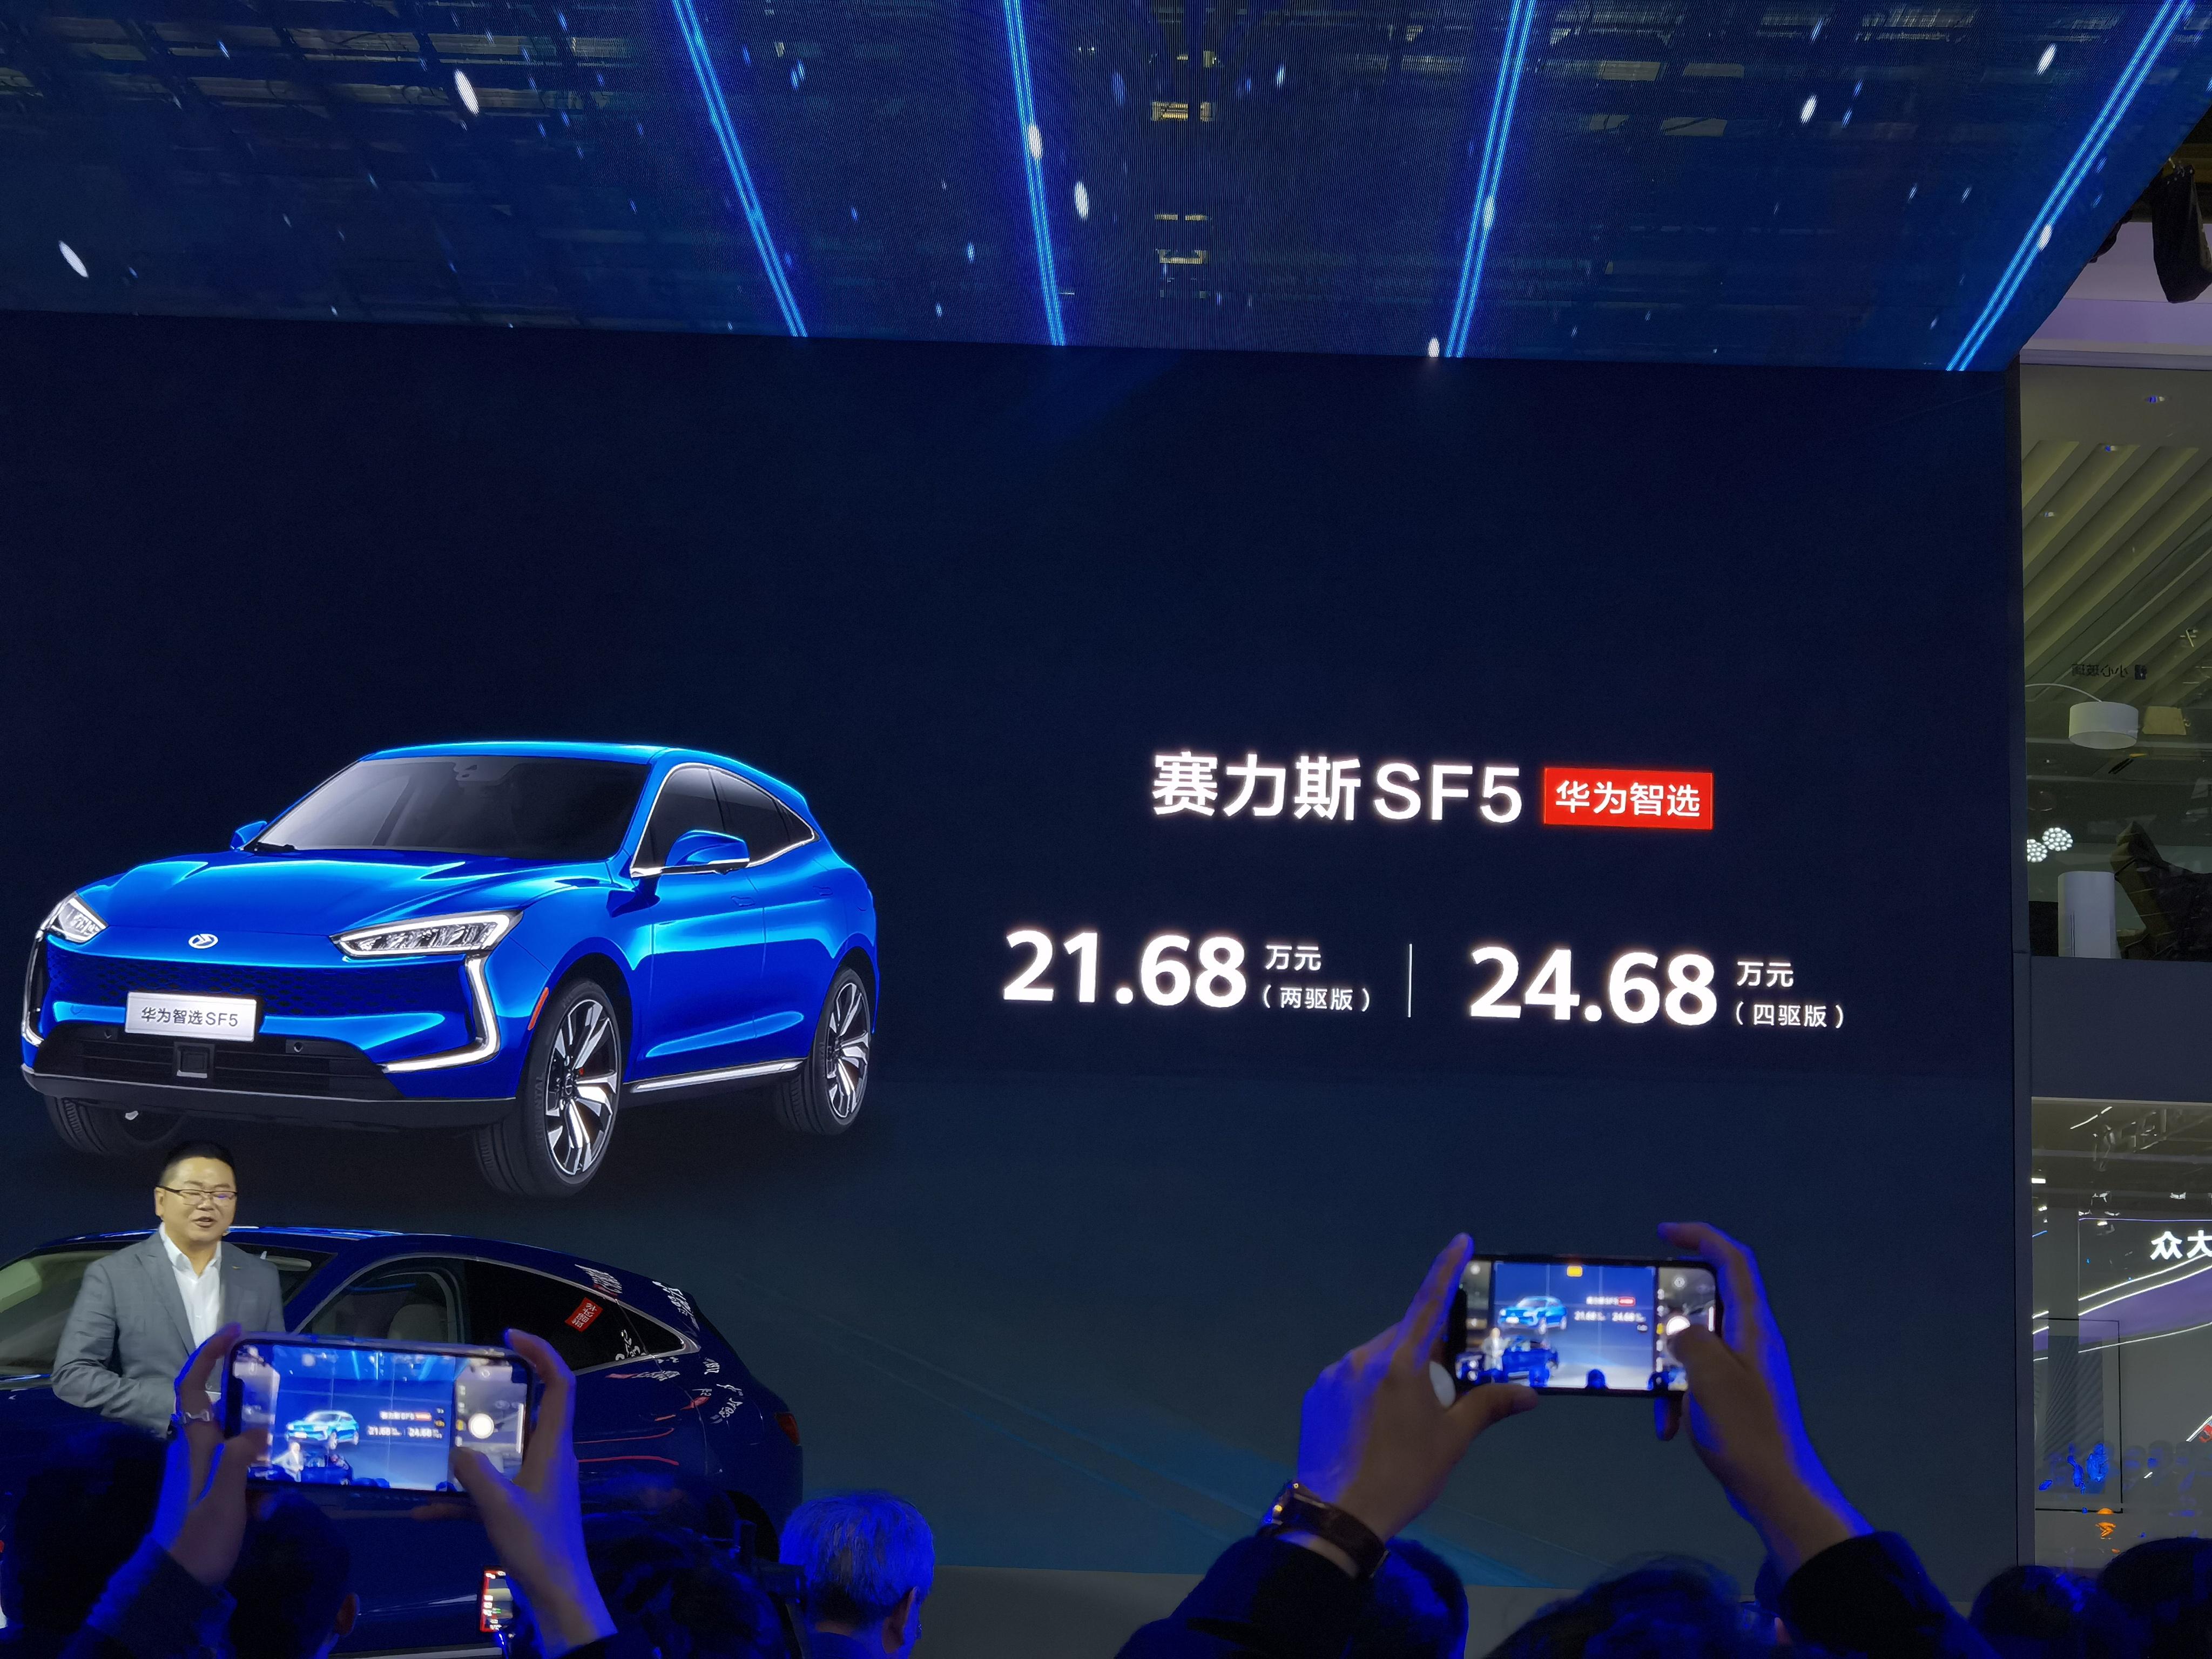 华为卖车了!塞力斯华为智选SF5正式发布:续航1000公里、21.68万起